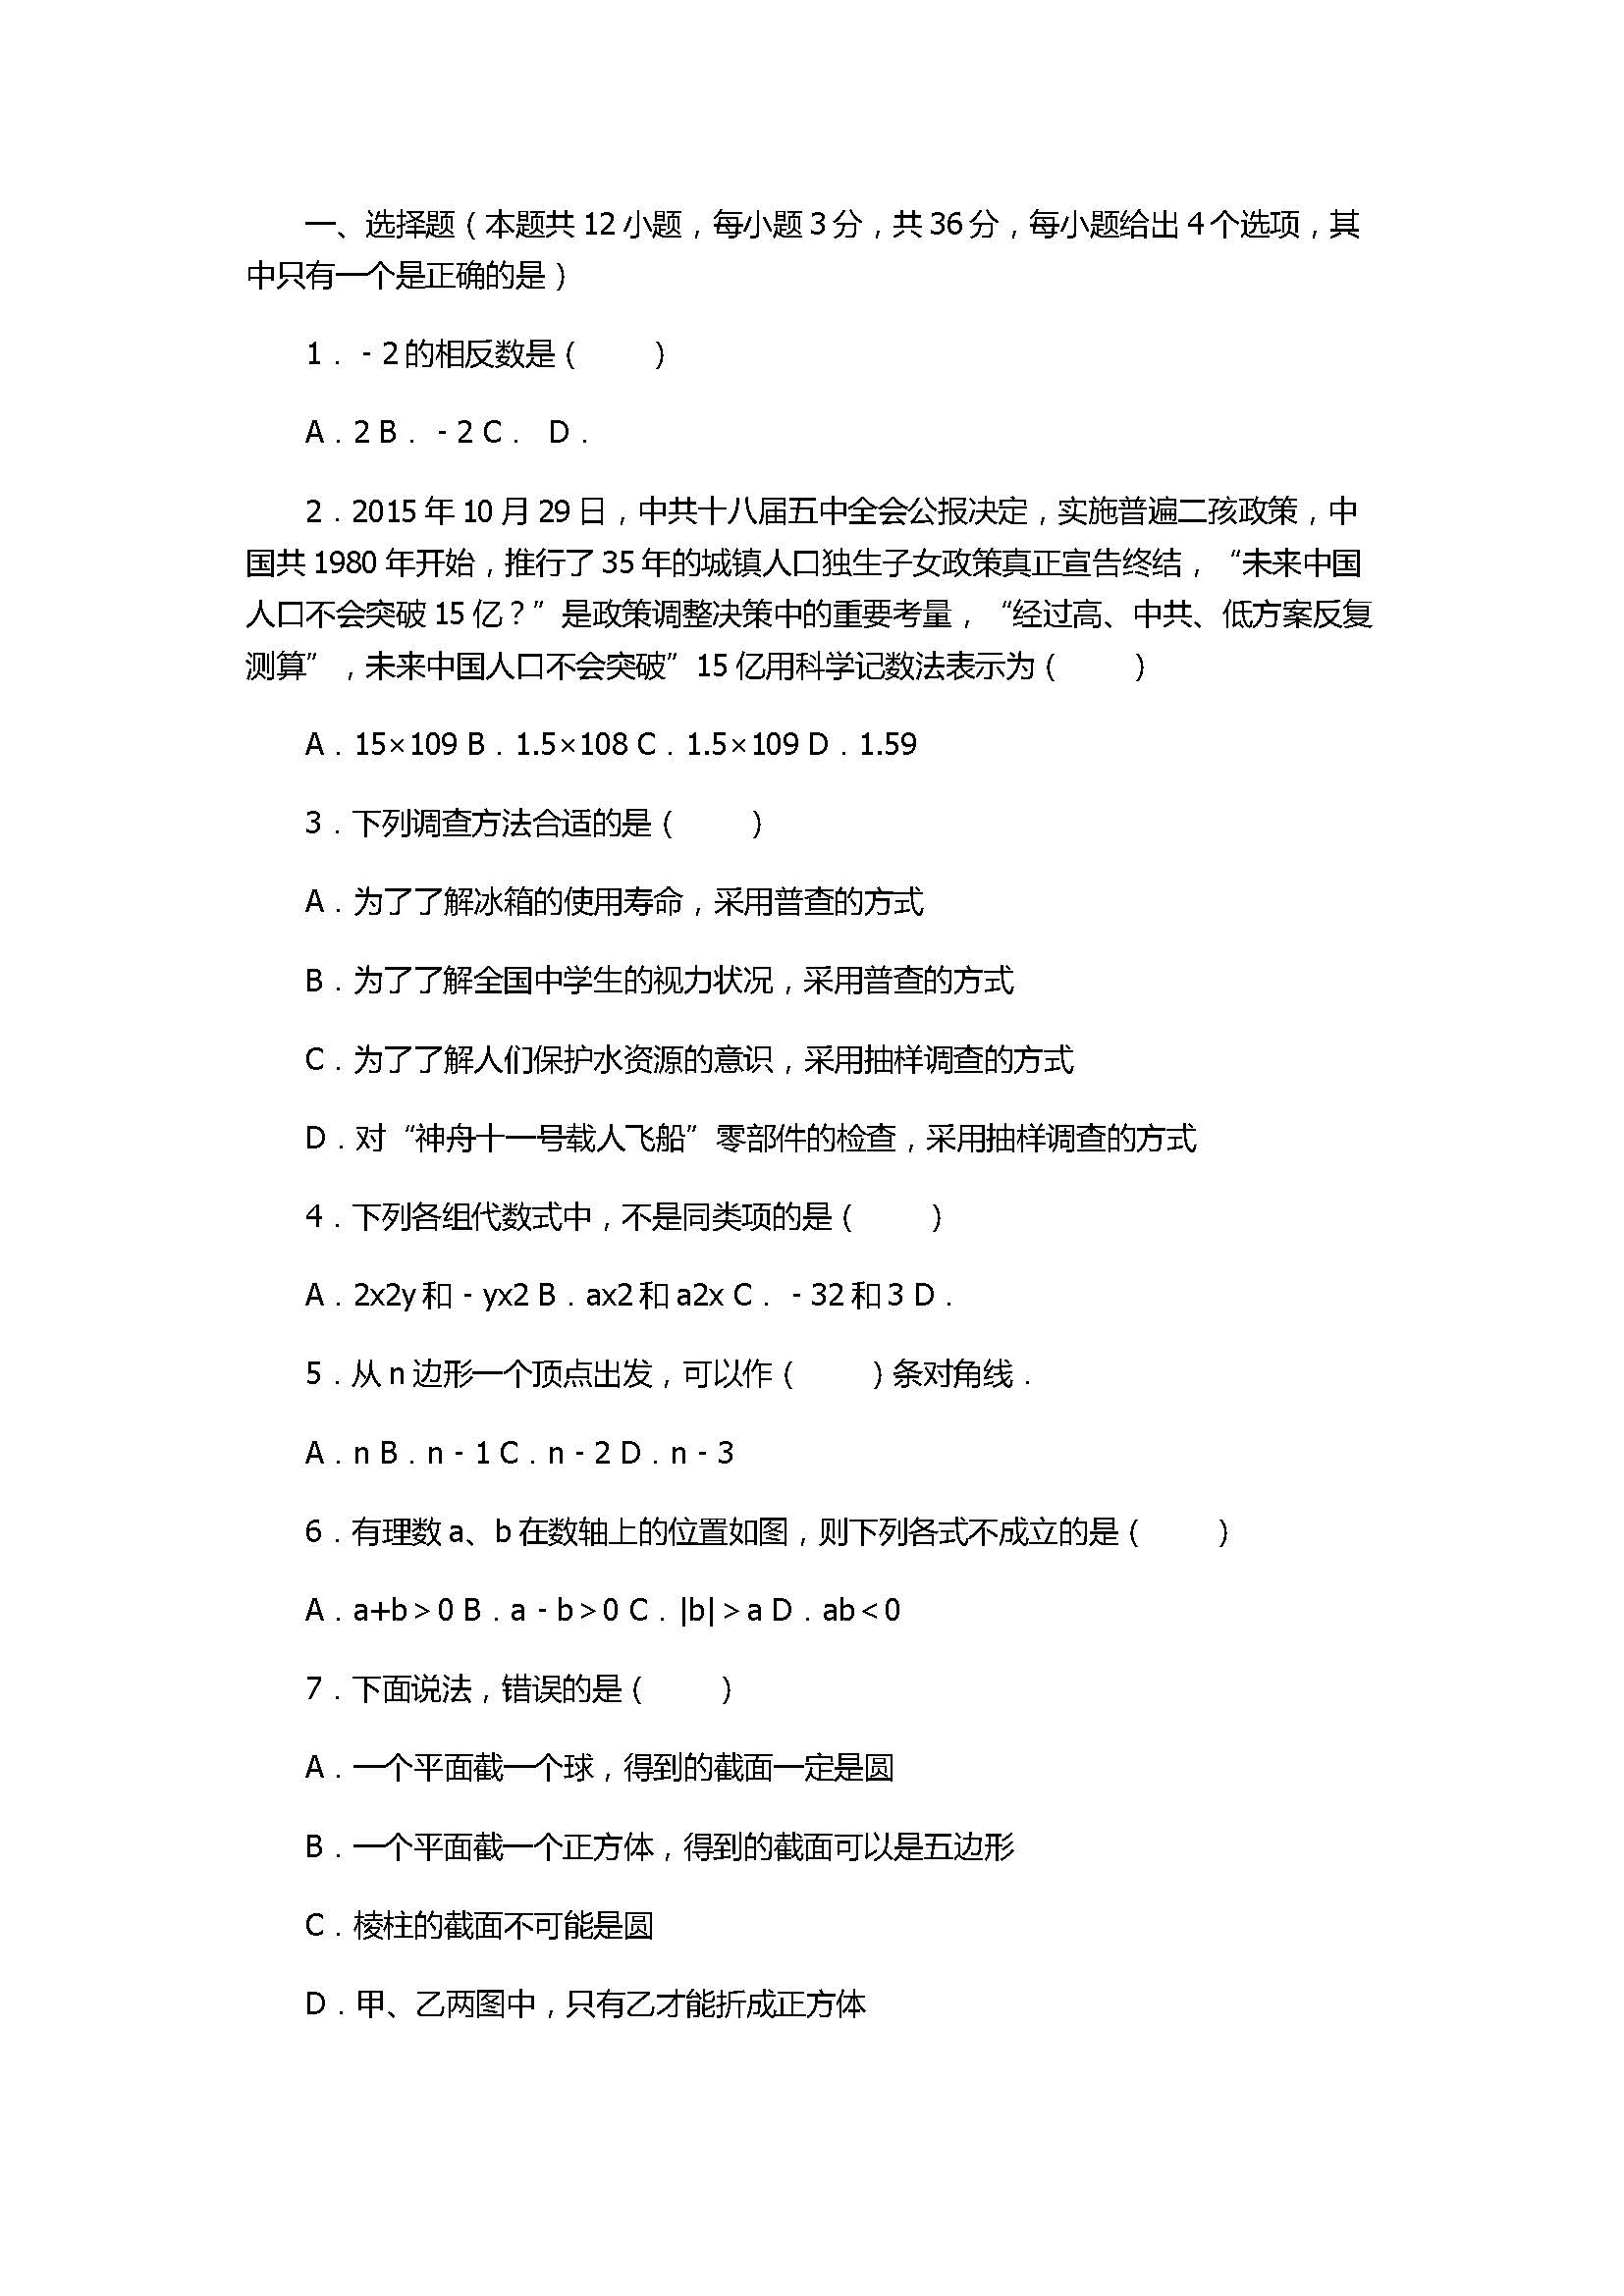 2017七年级数学期末试卷带答案及试题解释(深圳福田区)